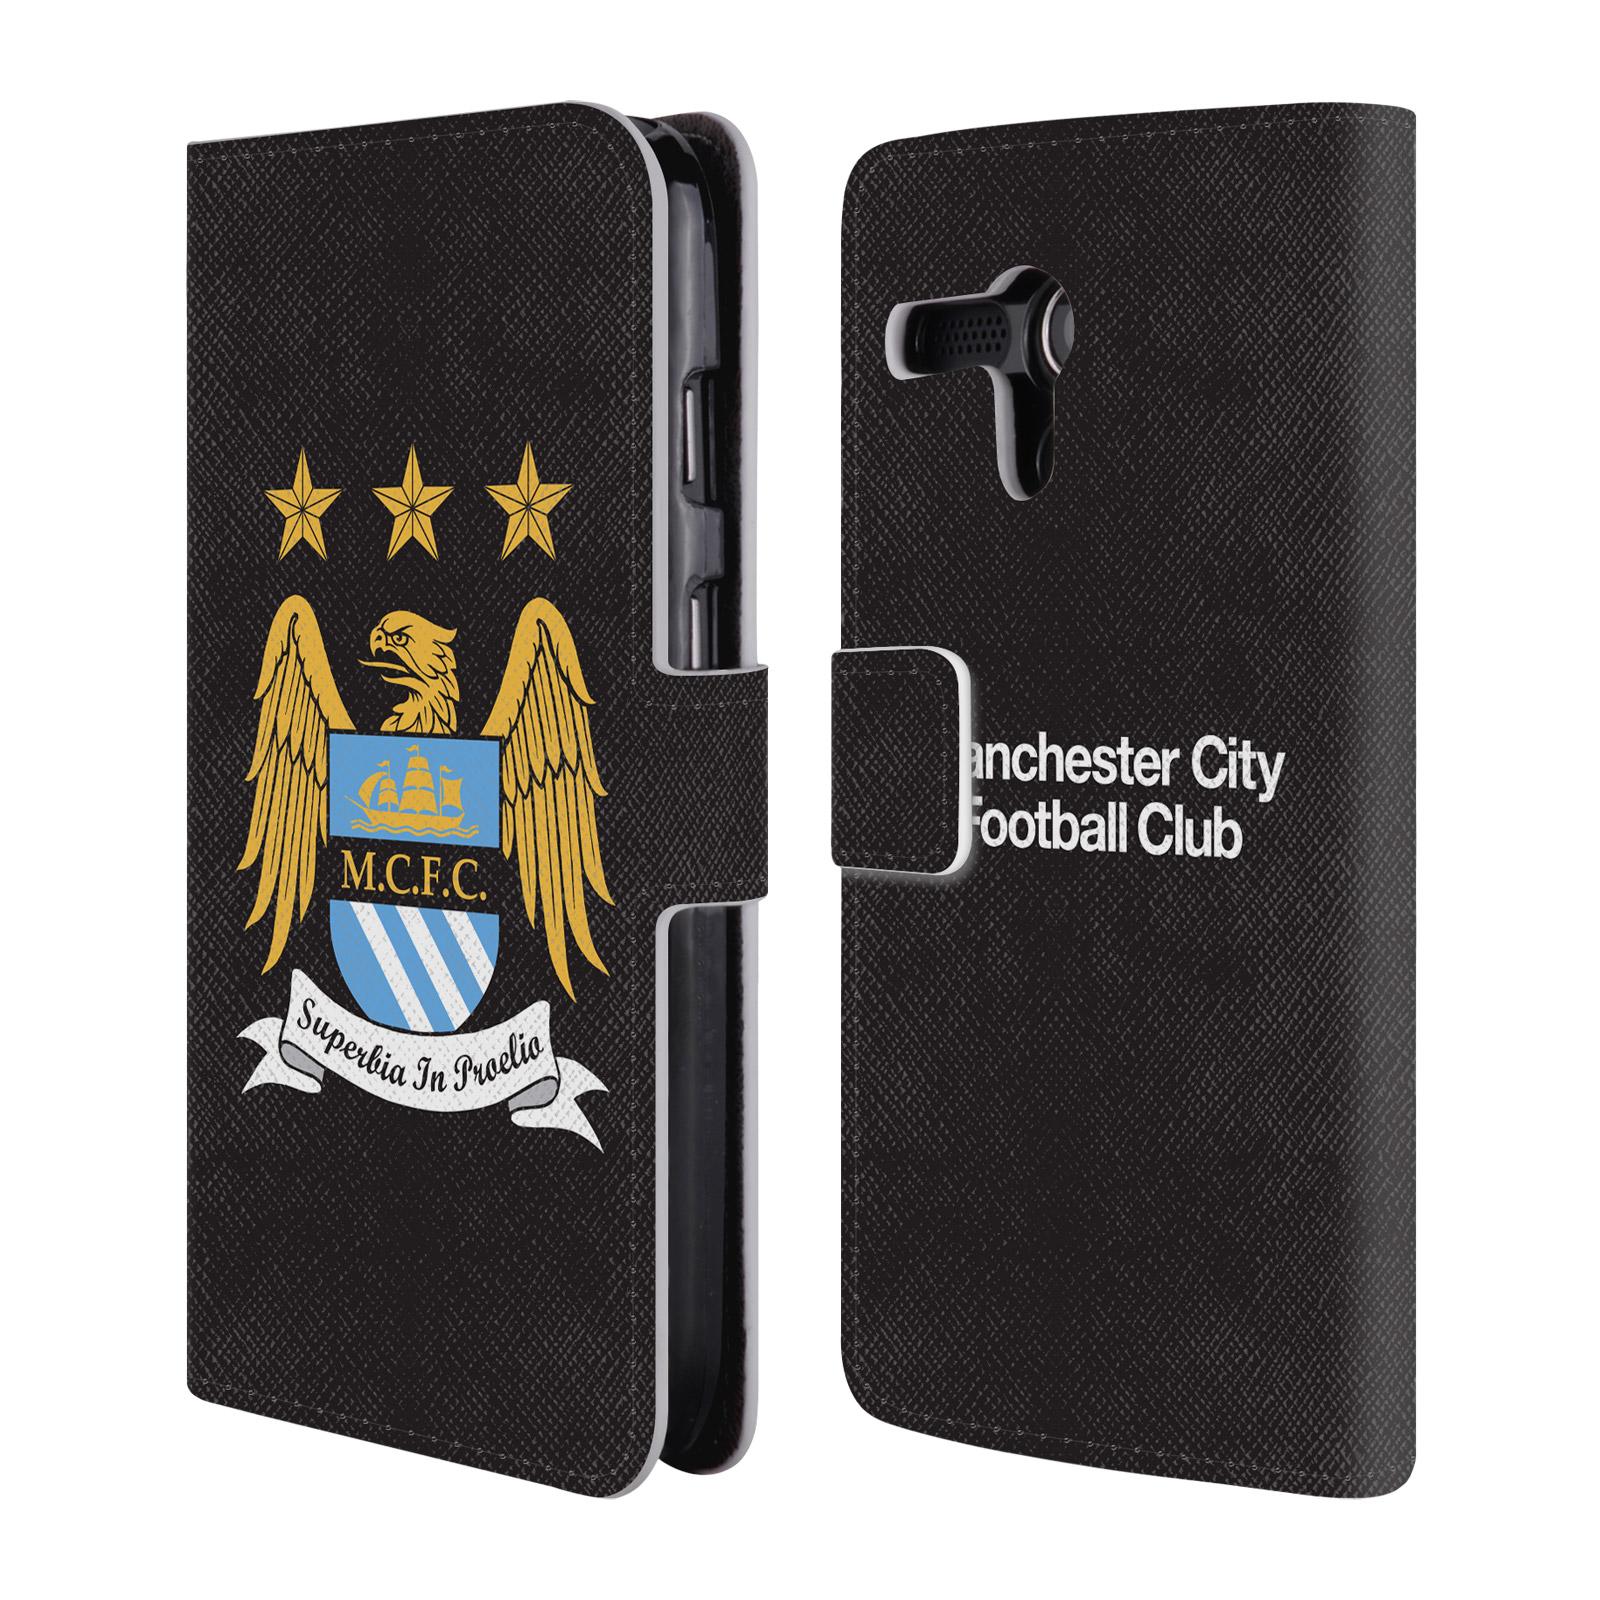 HEAD CASE Flipové pouzdro pro mobil Motorola Moto G Oficiální Manchester City znak a černé pozadí